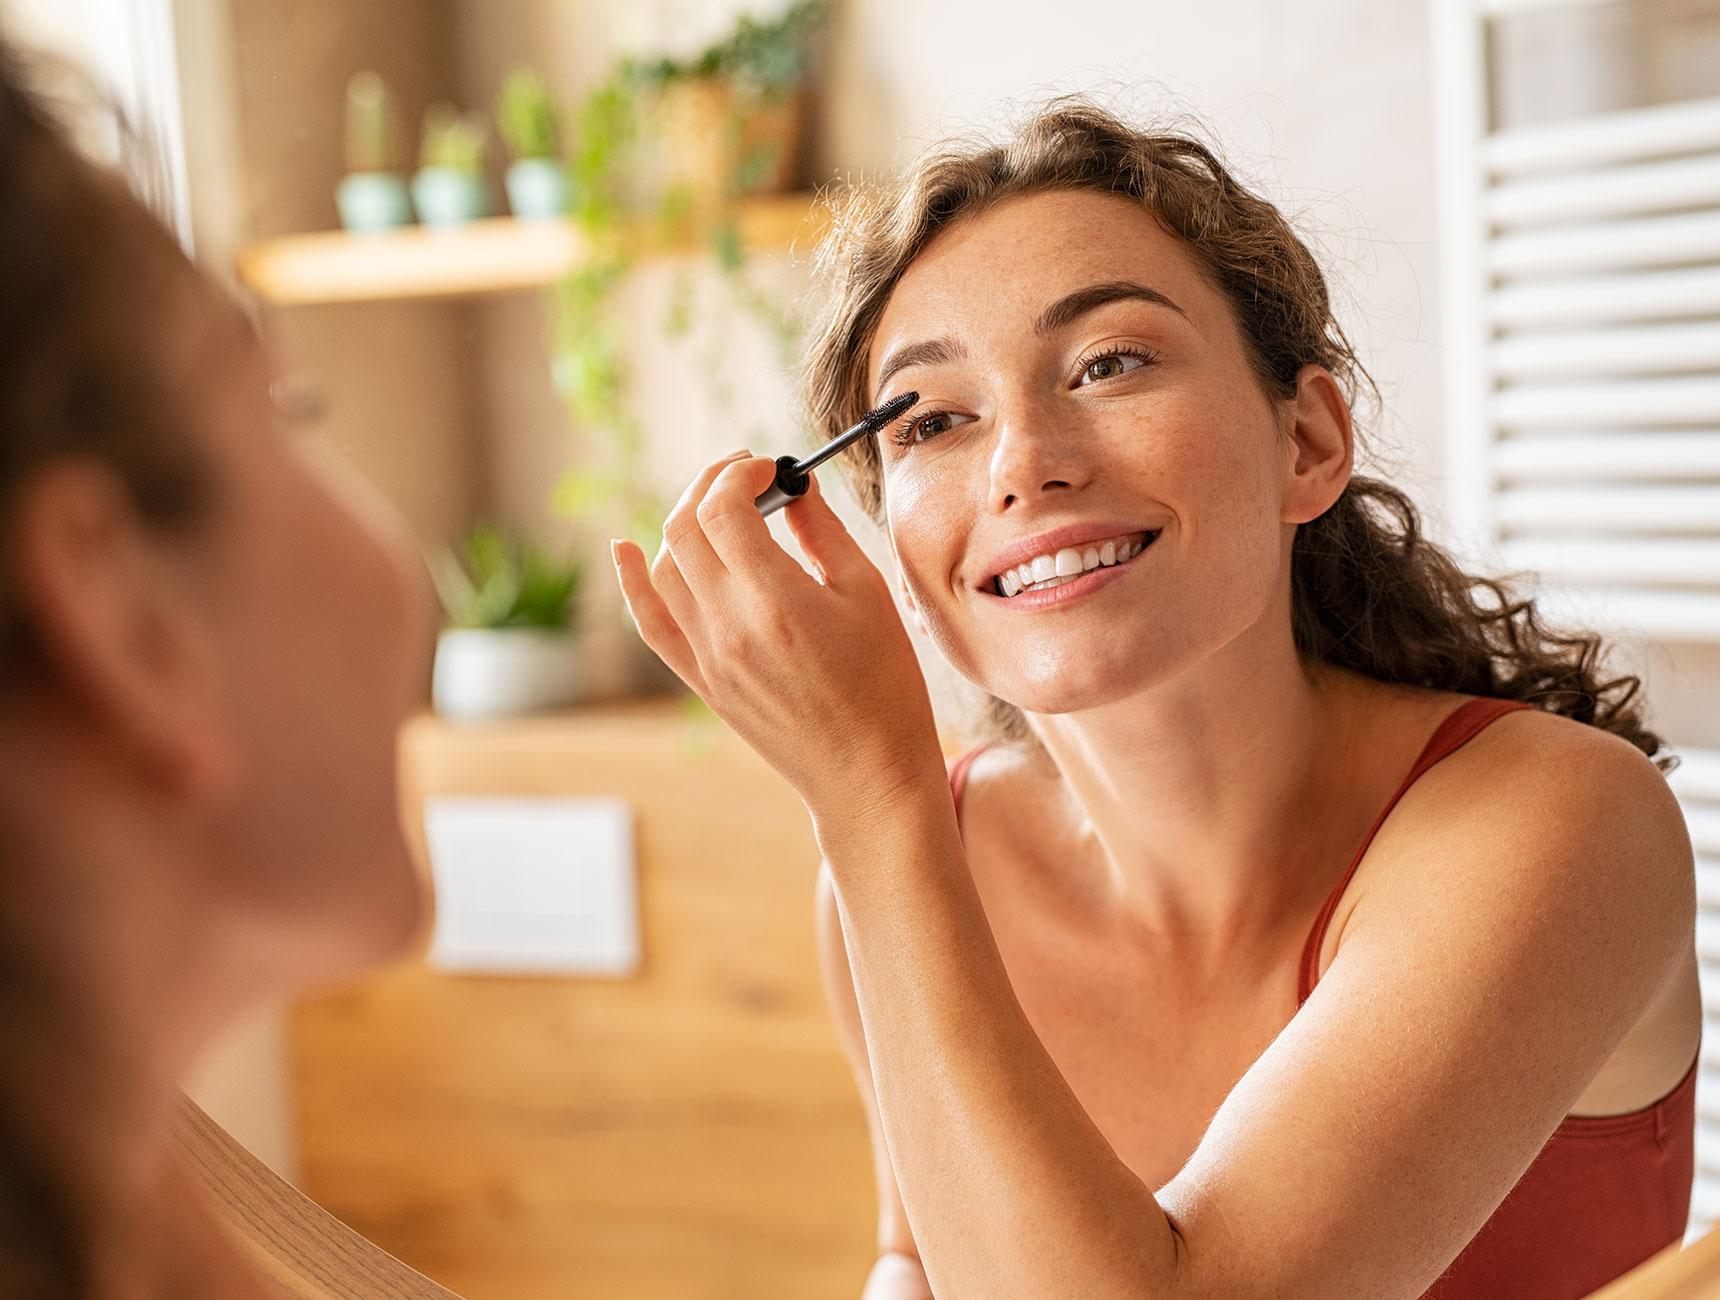 make-up huid fabels feiten